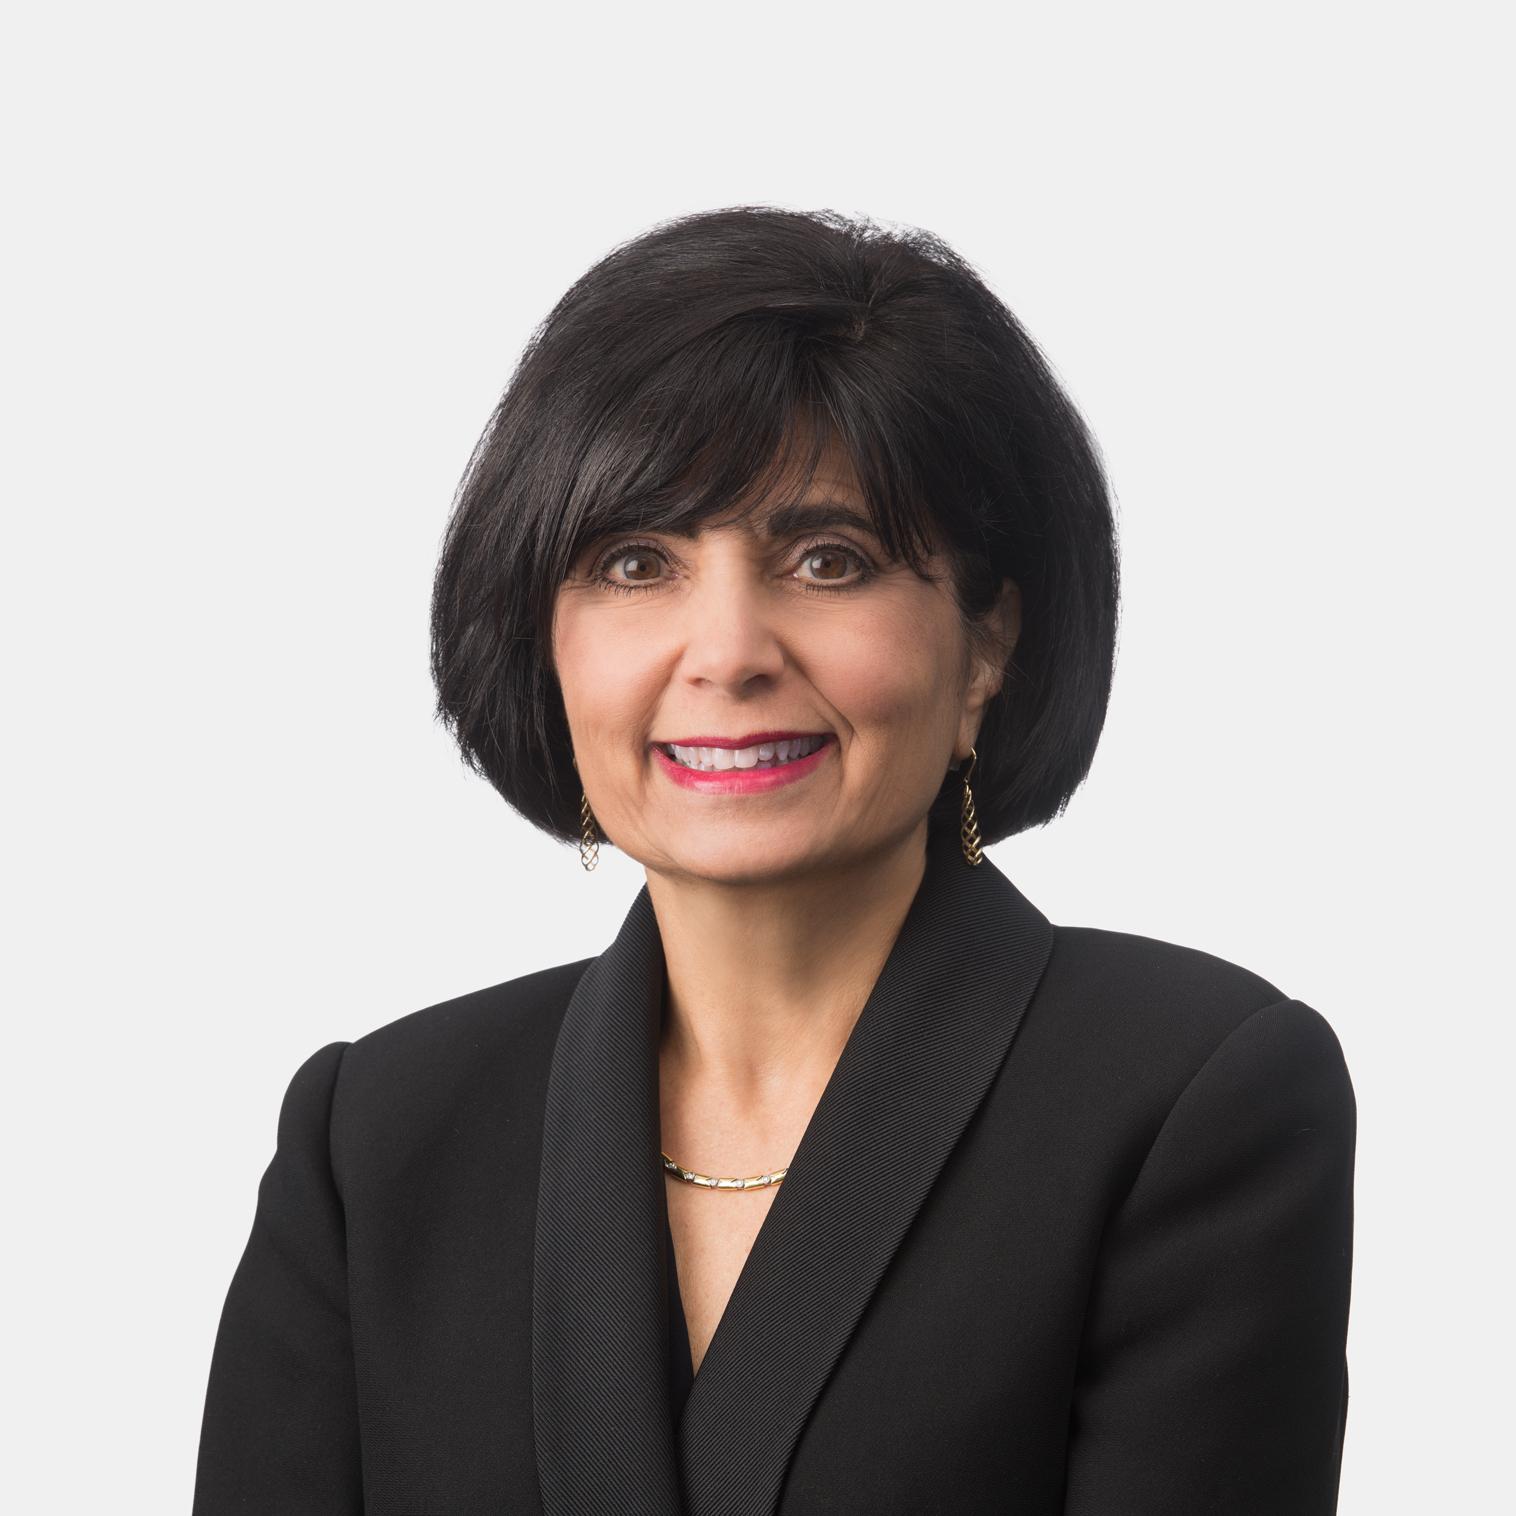 Carol L. Schoffel Faber